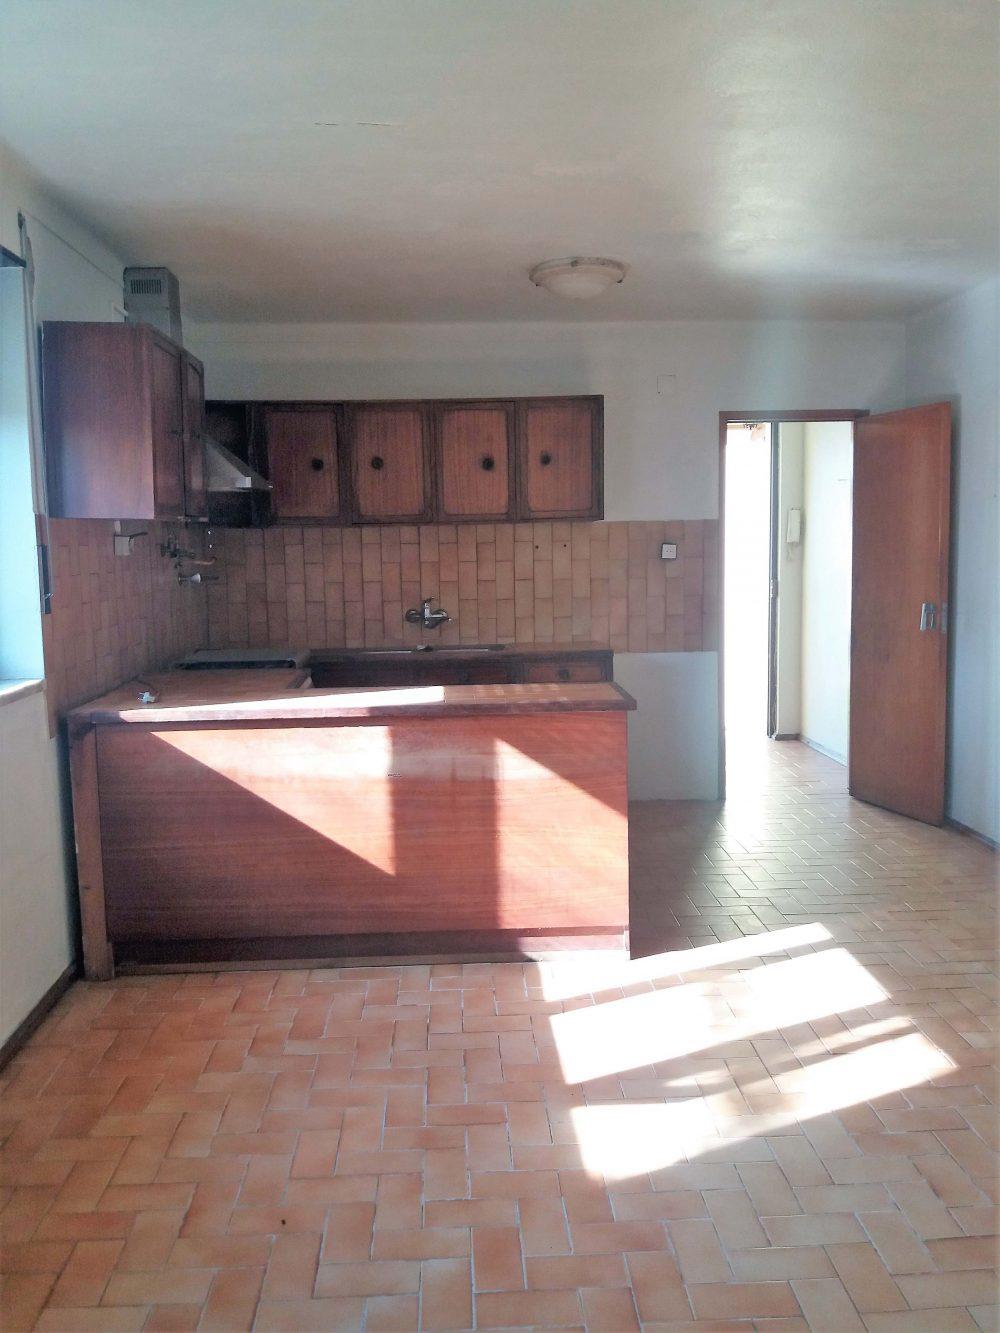 23-Kitchen.